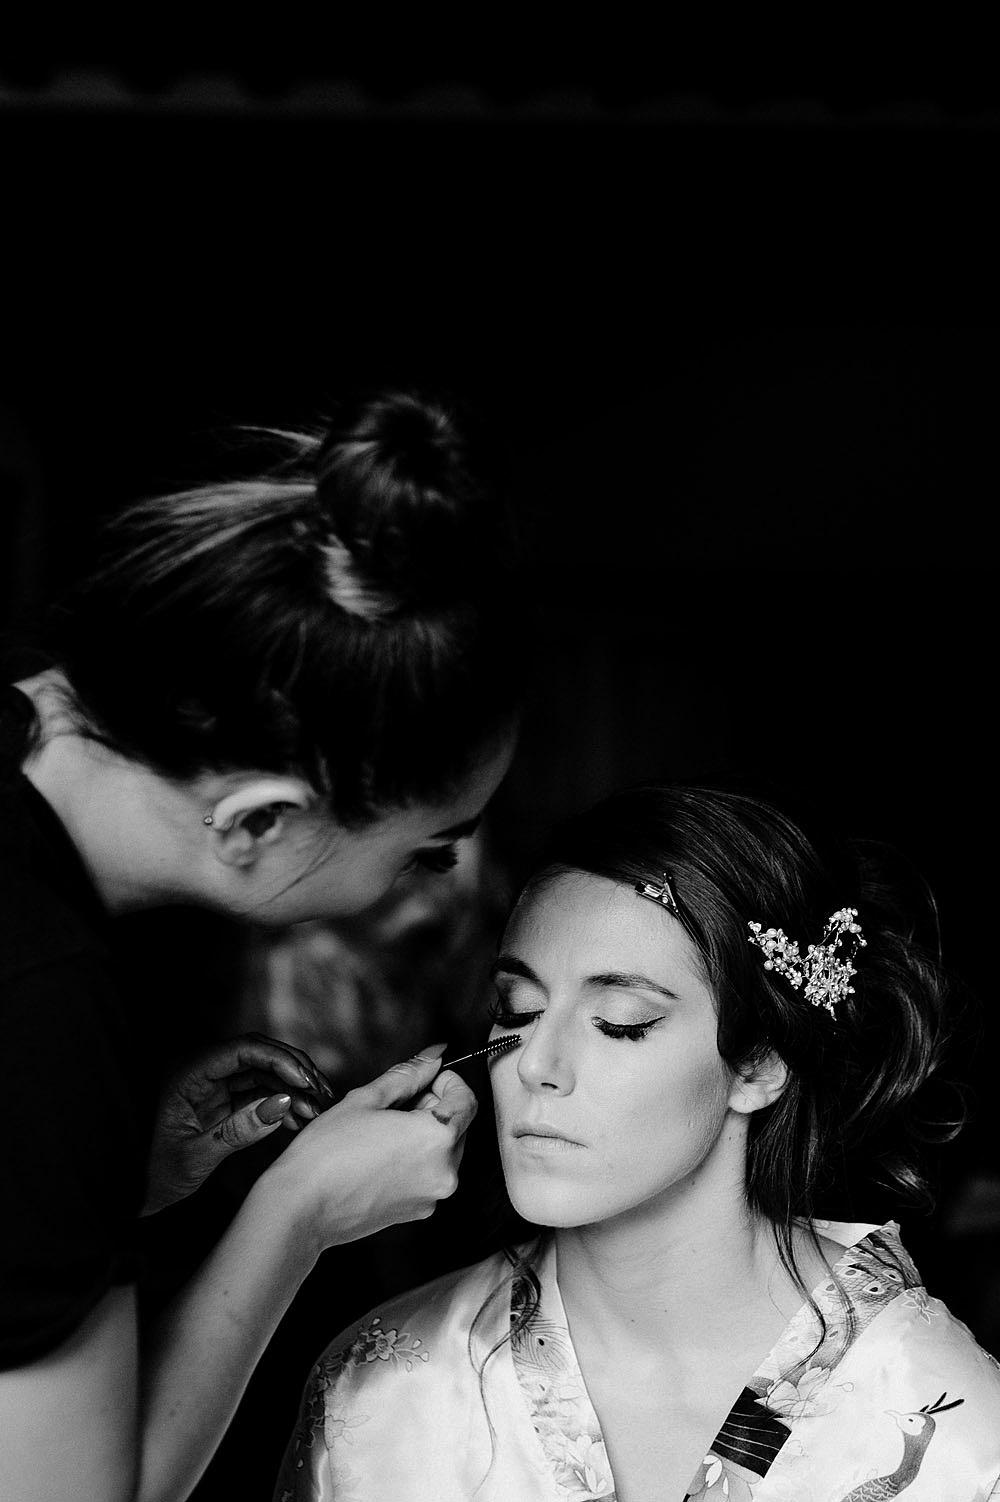 TENUTA DI STICCIANO MATRIMONIO NEL CUORE DEL CHIANTI :: Luxury wedding photography - 7